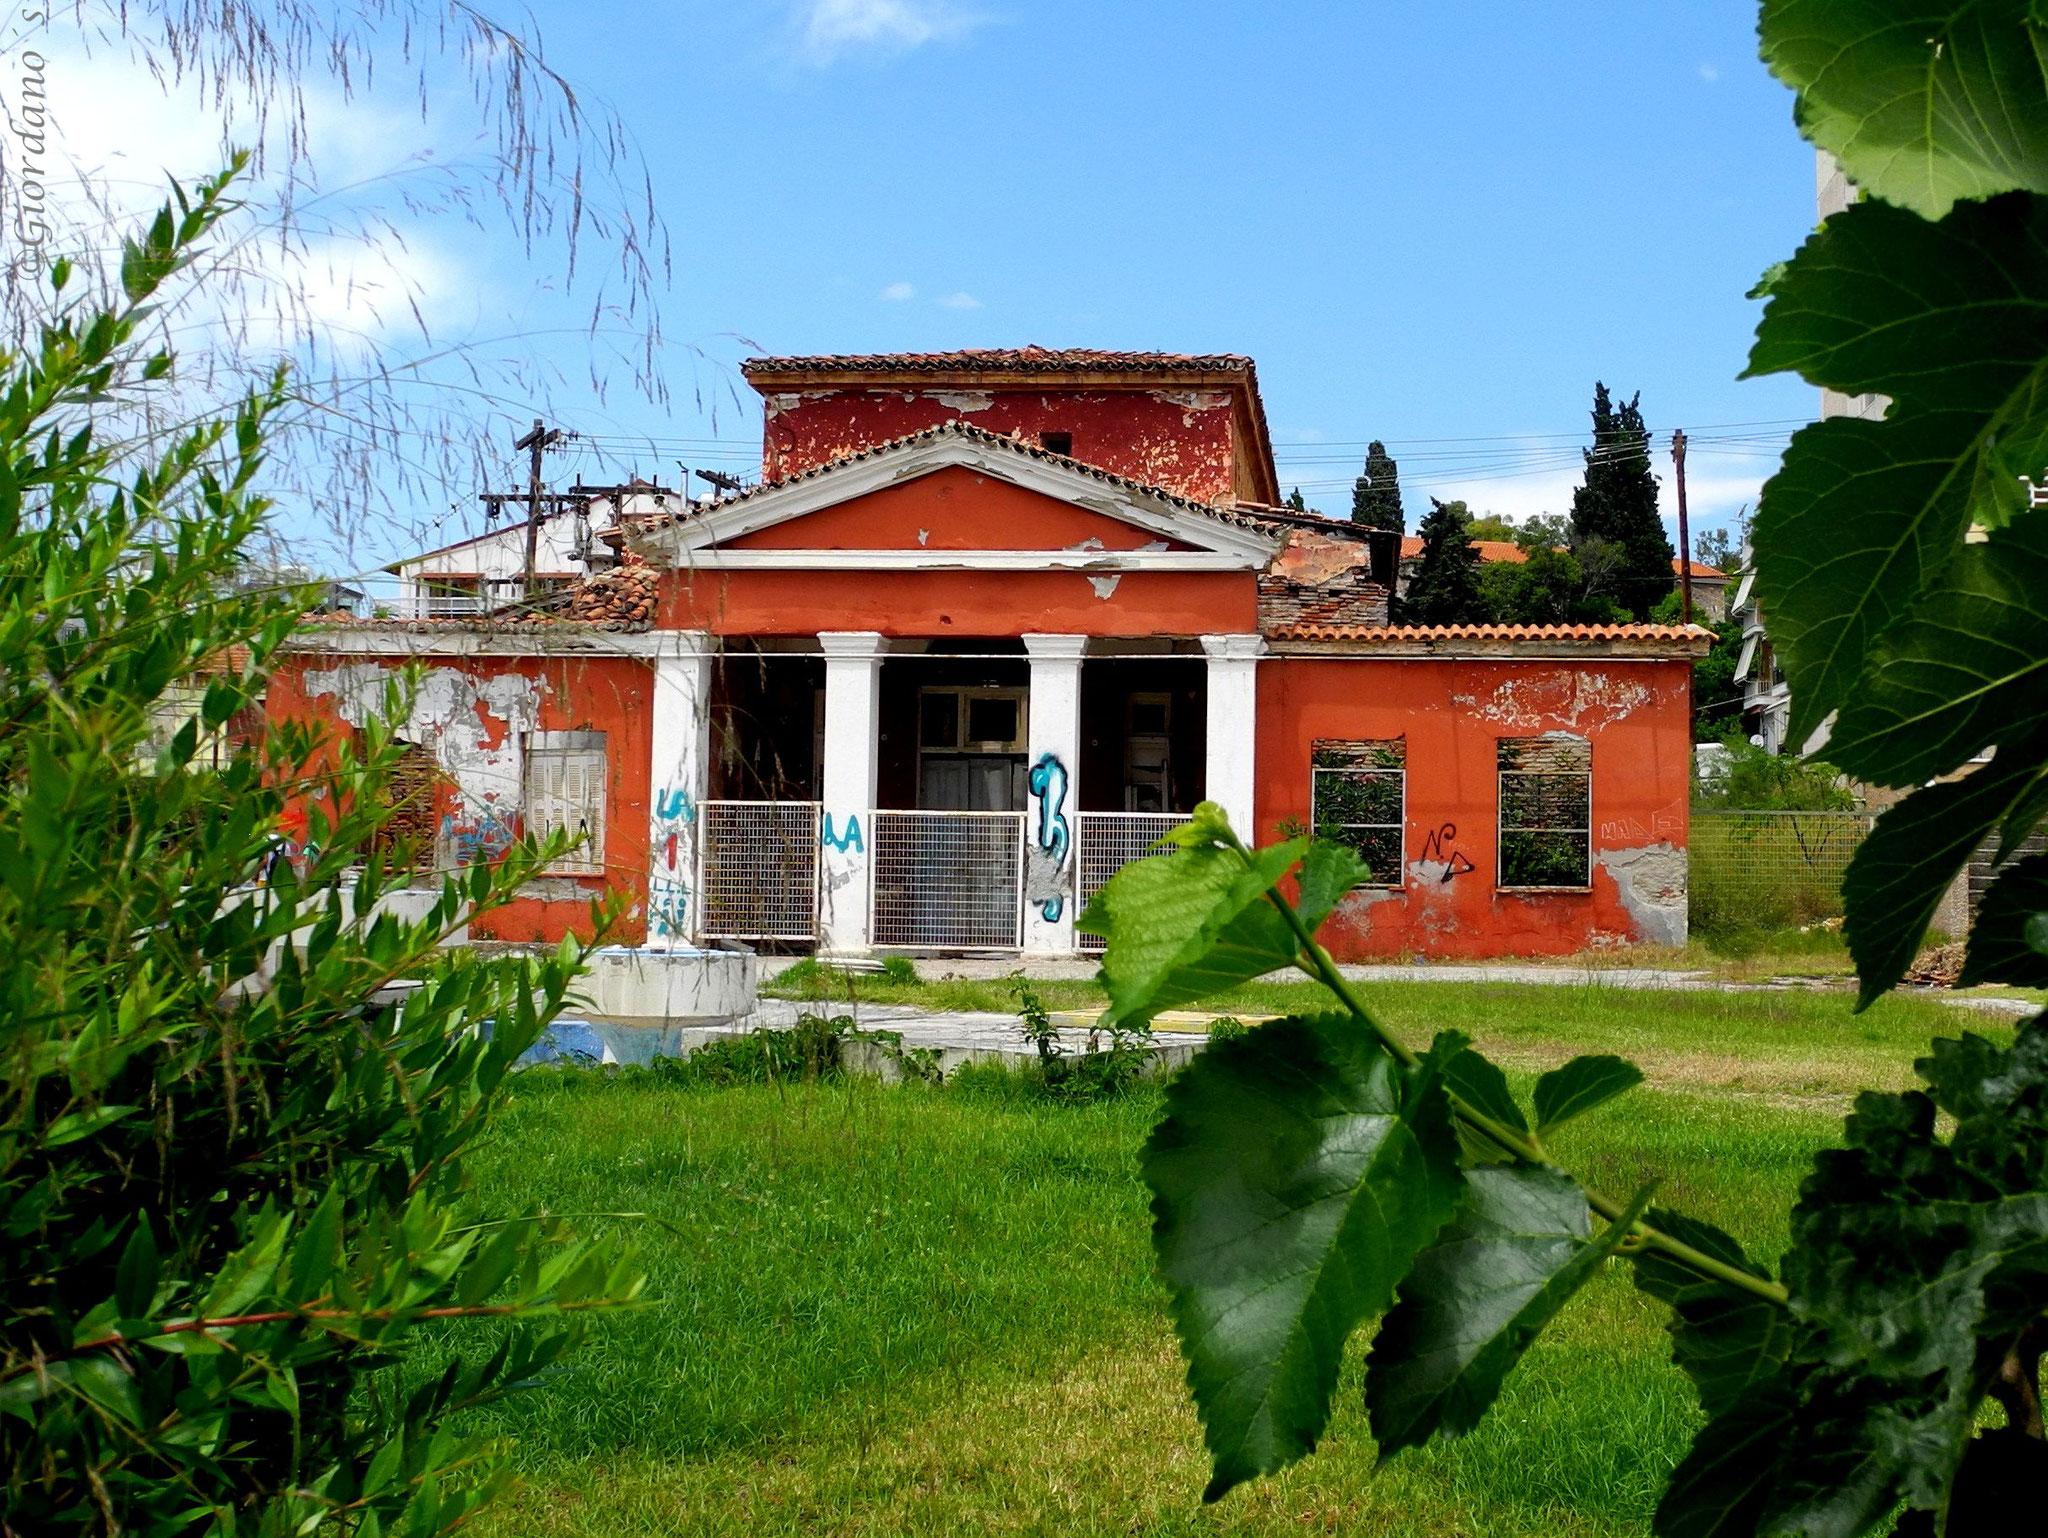 Das ursprüngliche Gebäude des Thermalbades